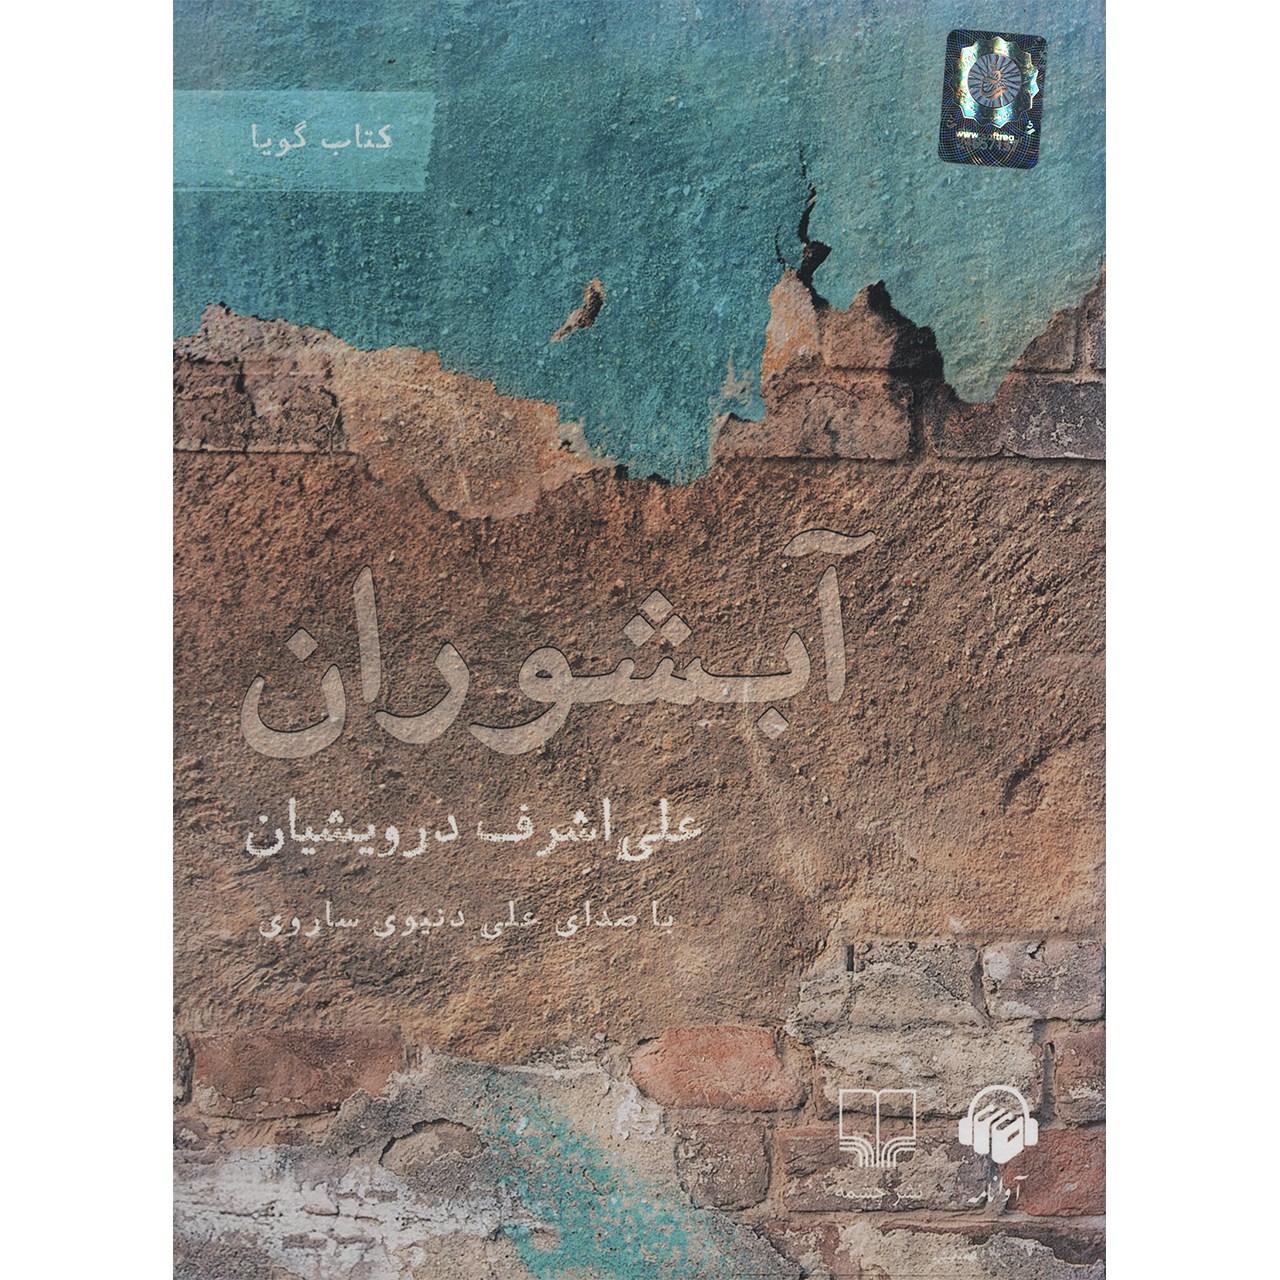 کتاب صوتی آبشوران اثر علی اشرف درویشیان